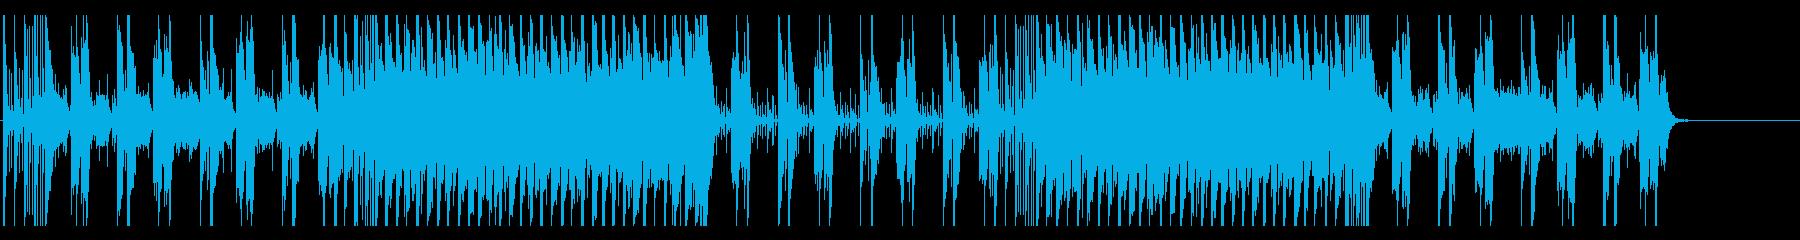 明るい印象のポップスBGMの再生済みの波形